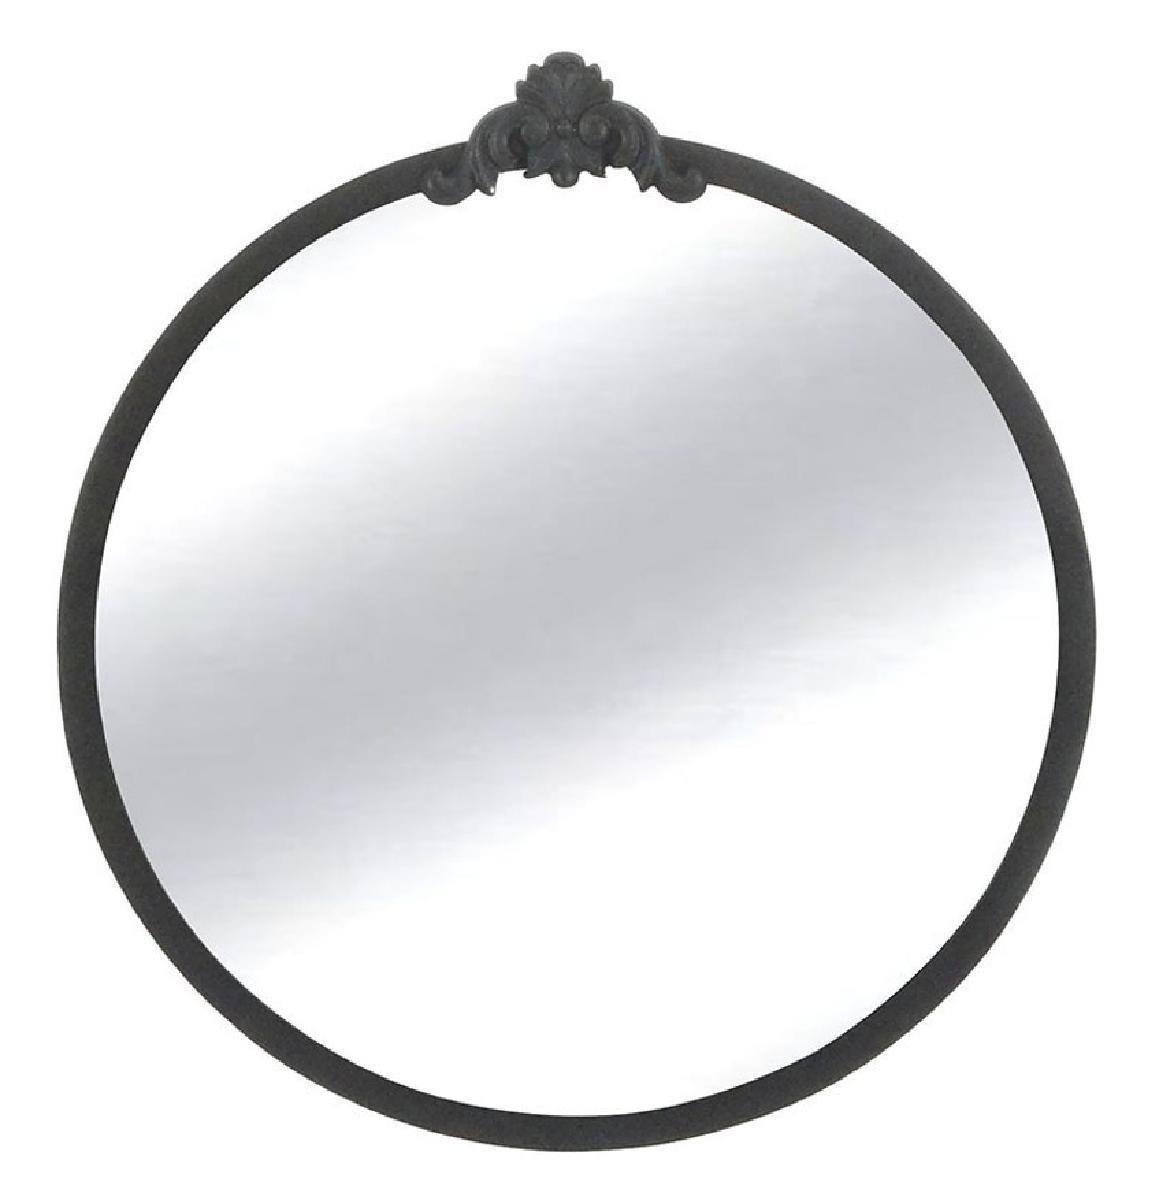 miroir metal bali 50x53,5x3 cm -